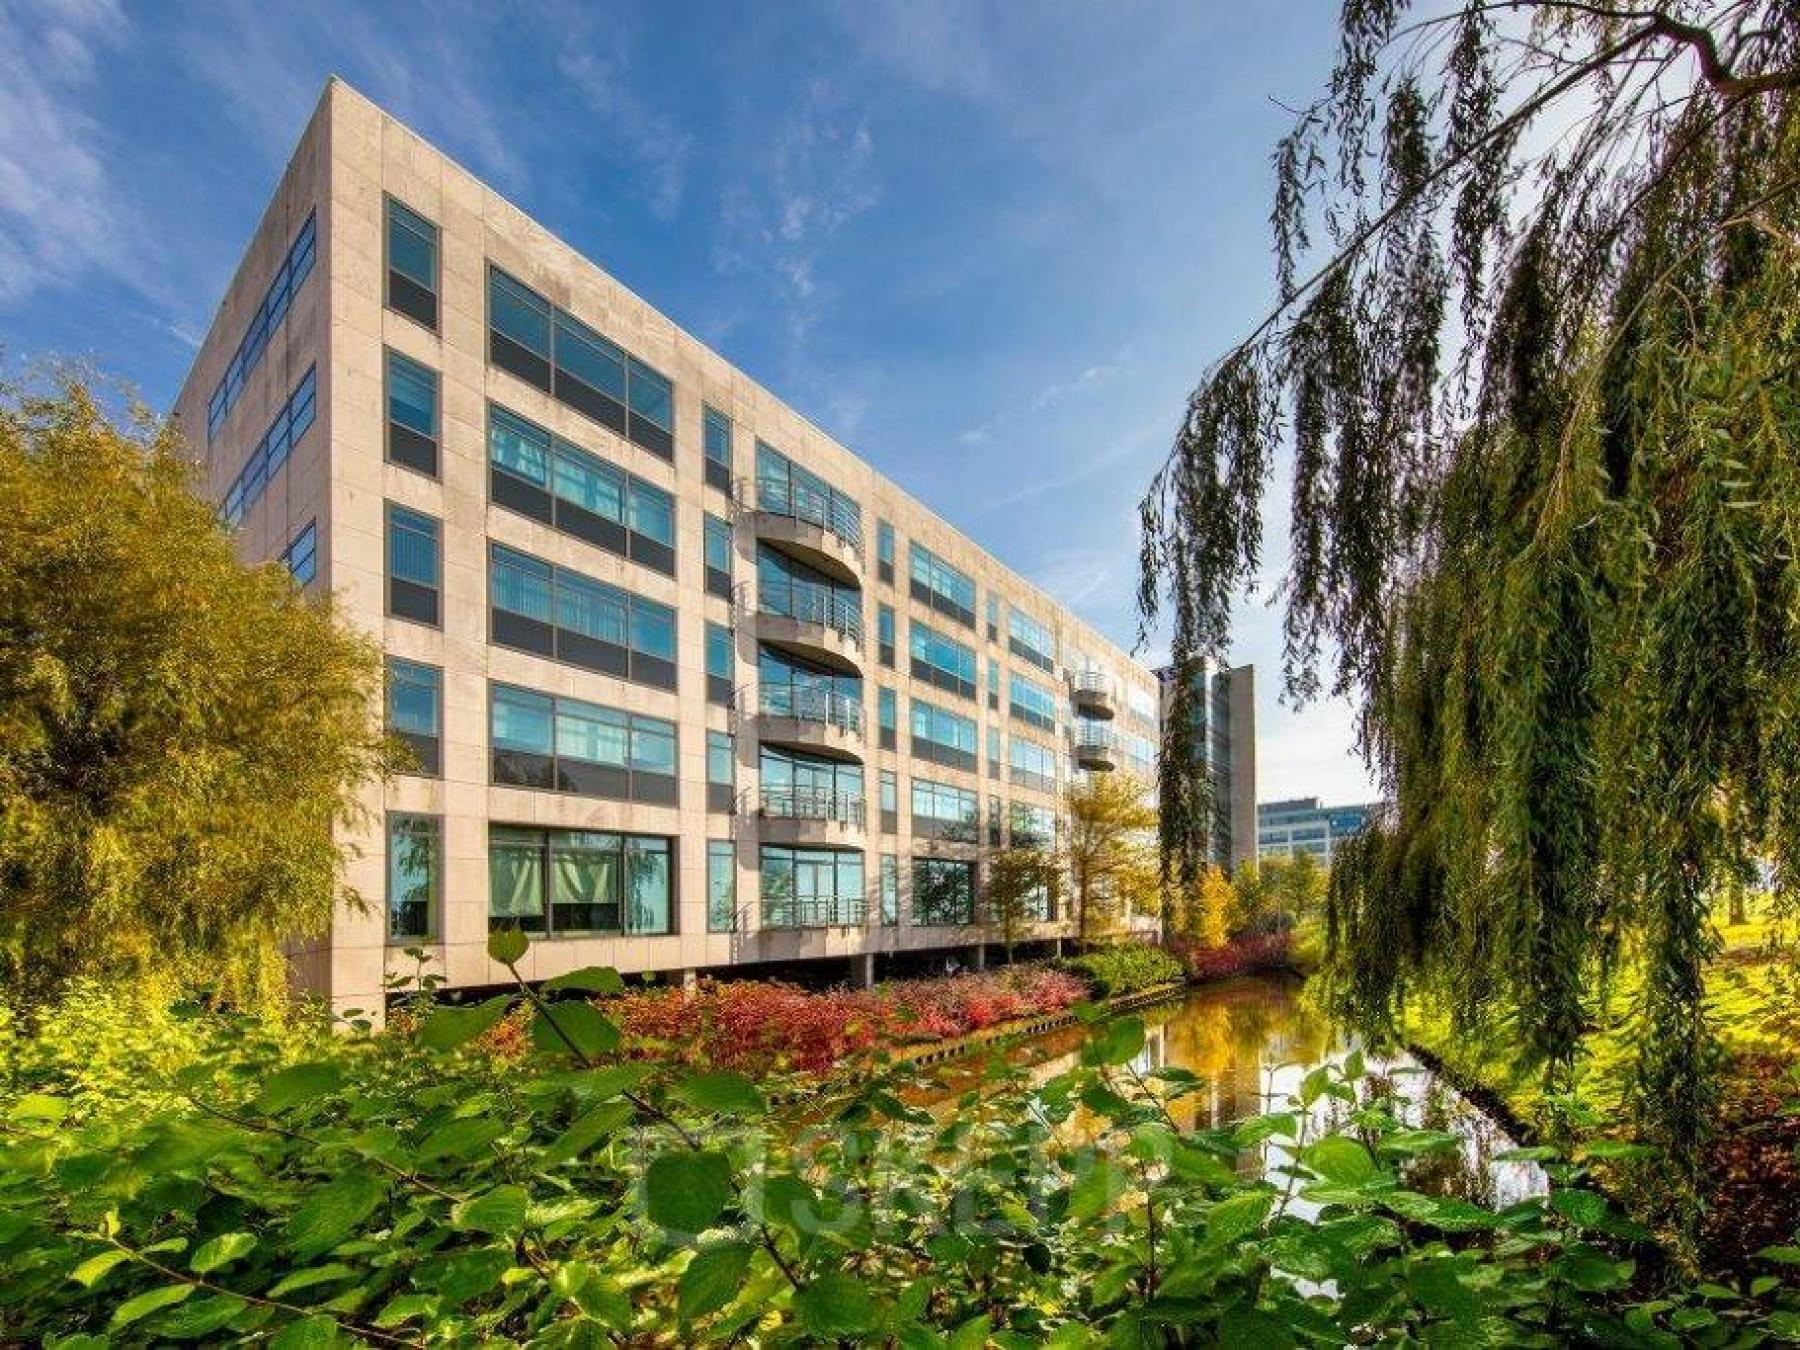 buitenzijde kantoorpand water groene omgeving rustige werkplek